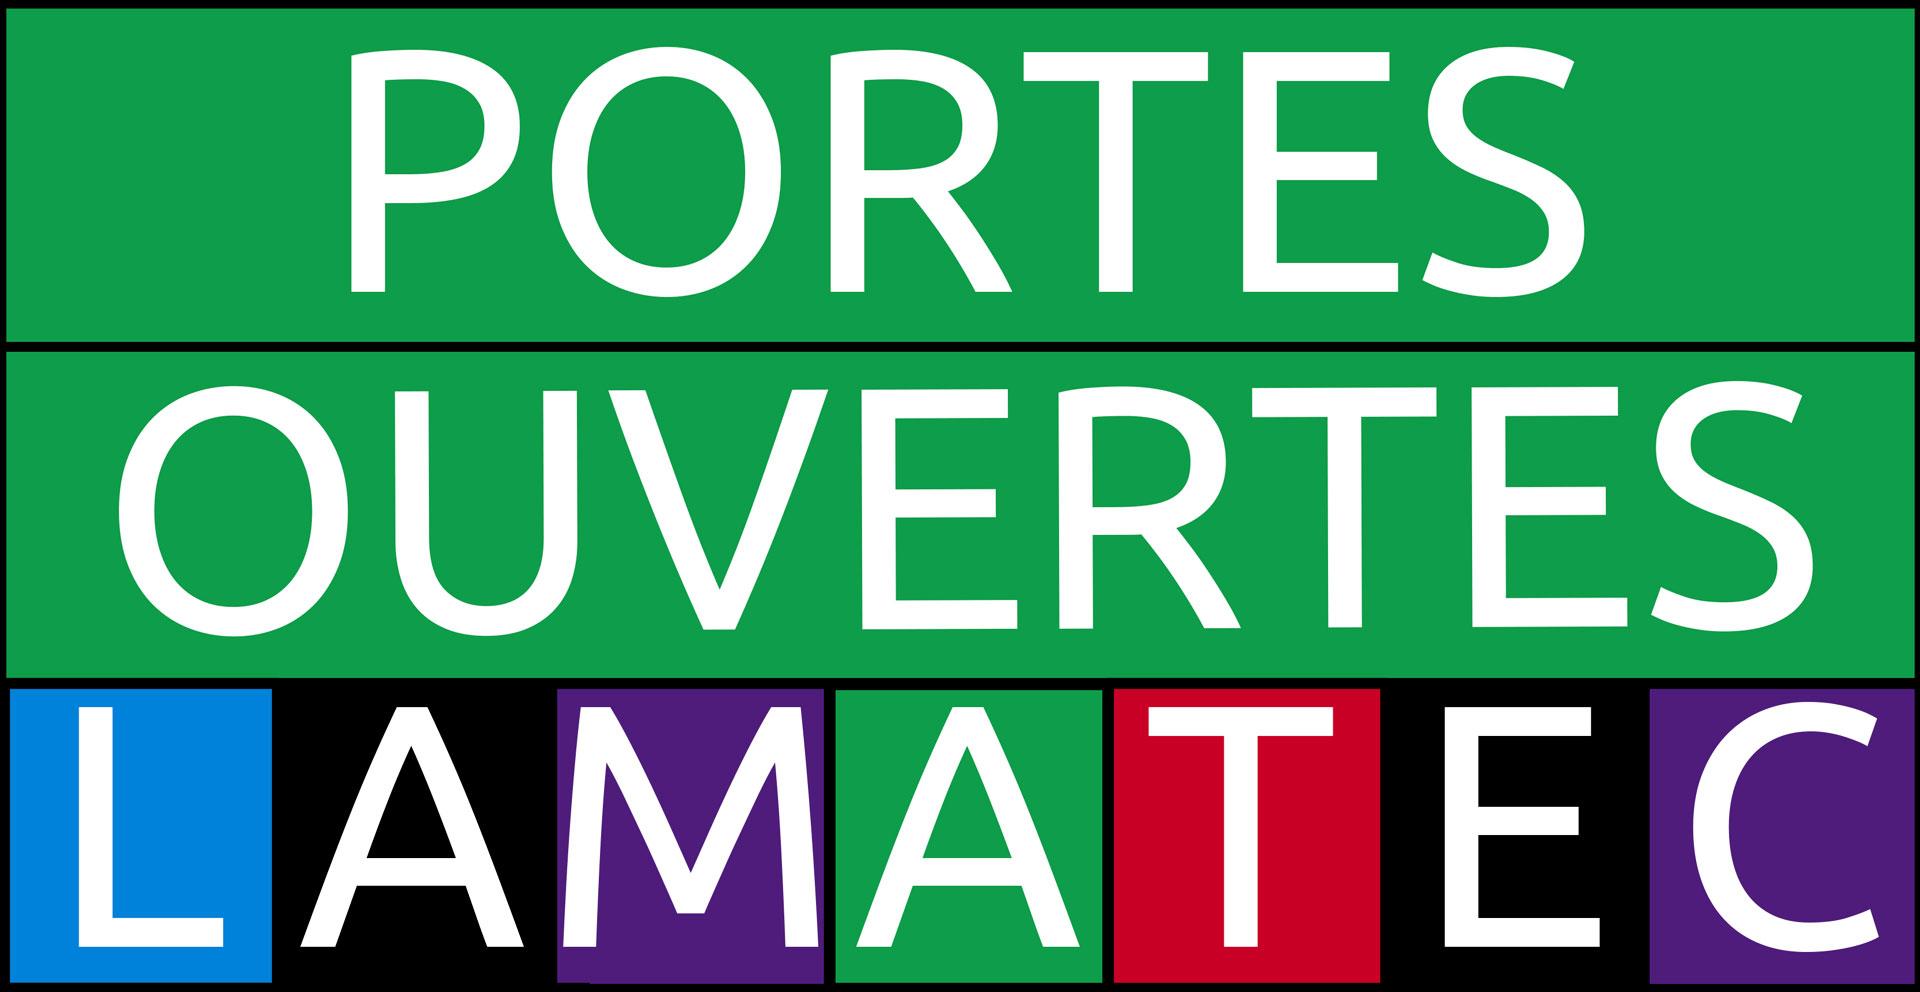 Portes ouvertes Lamatec 2017